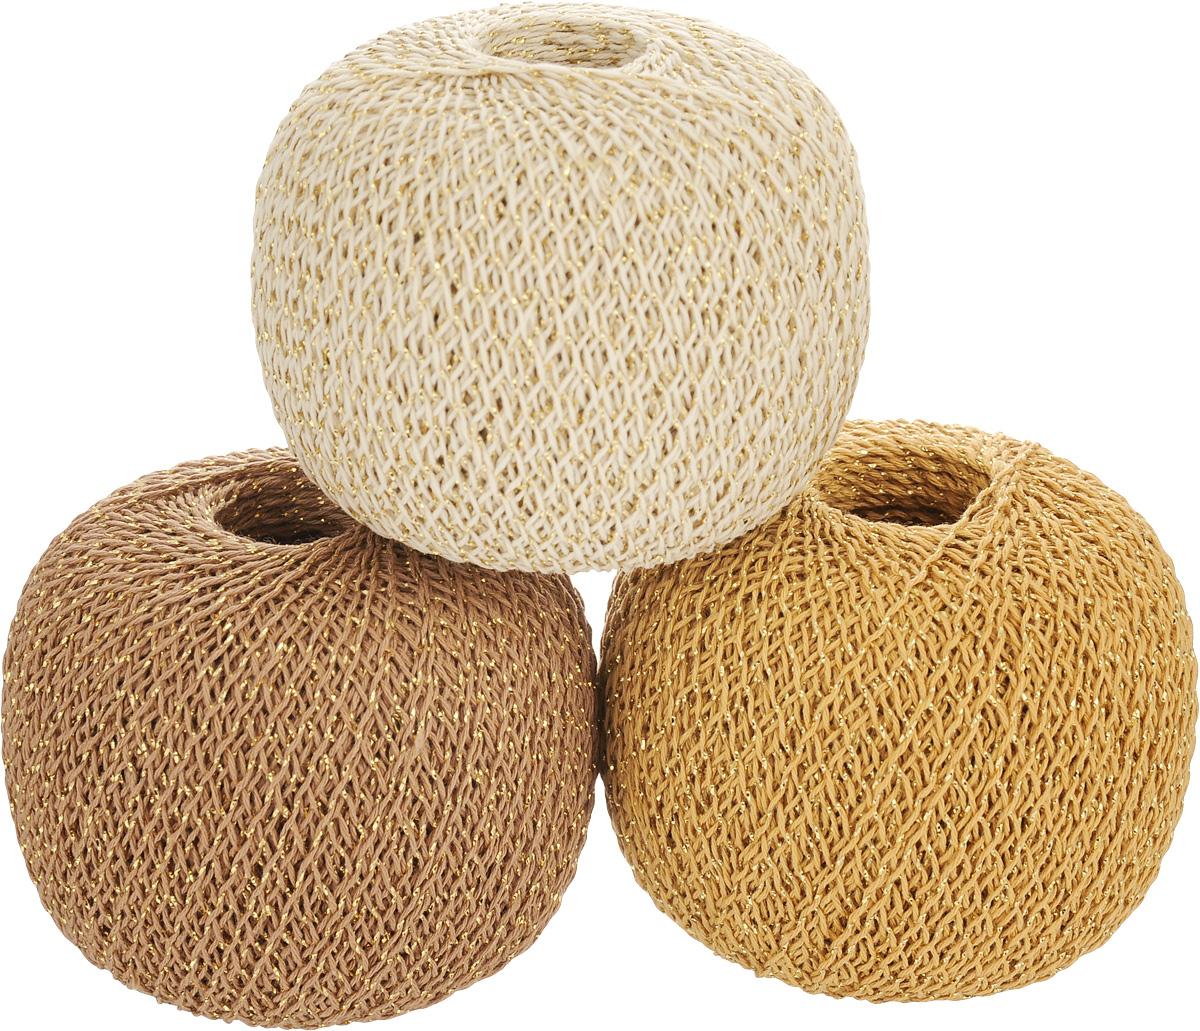 """Нитки вязальные """"Золотые шары"""", комбинированные, цвет: бежевый, оранжевый, коричневый, 390 м, 50 г, 3 шт"""